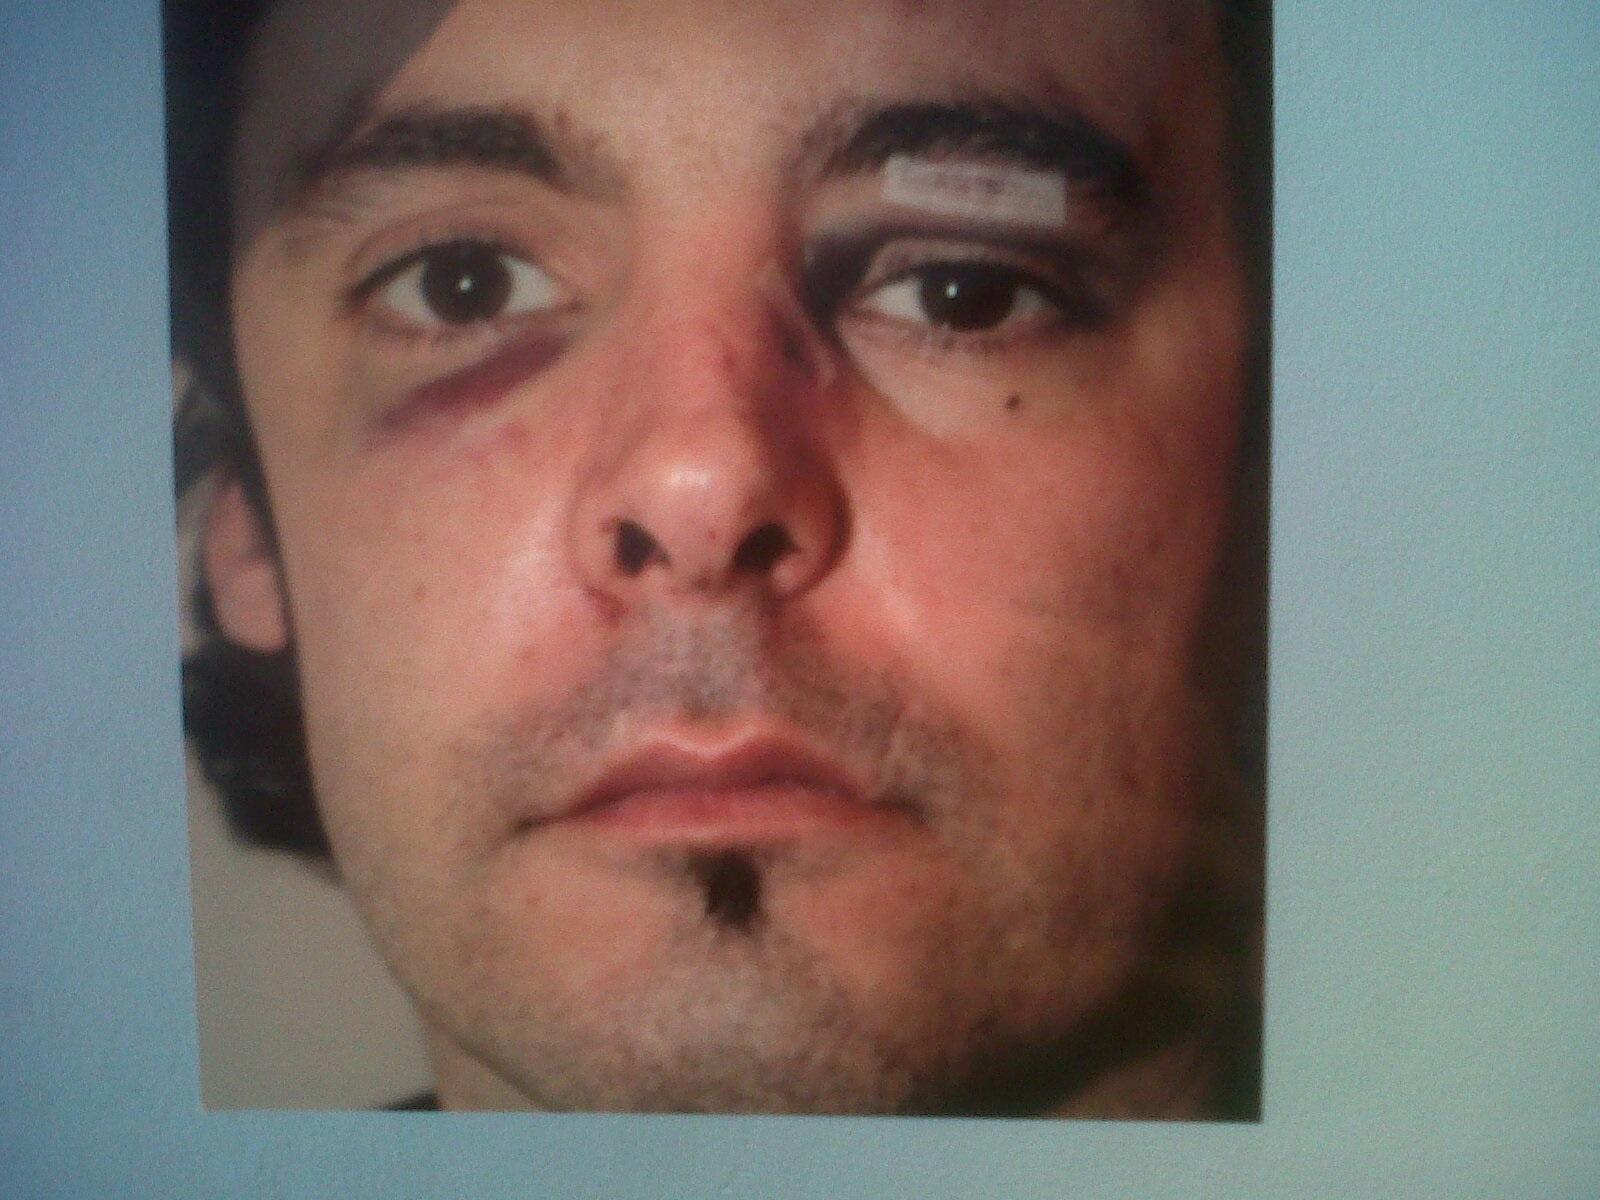 El fiscal pide 6 meses de prisión para dos policías por golpear a un hombre que les agredió con un vaso en un bar